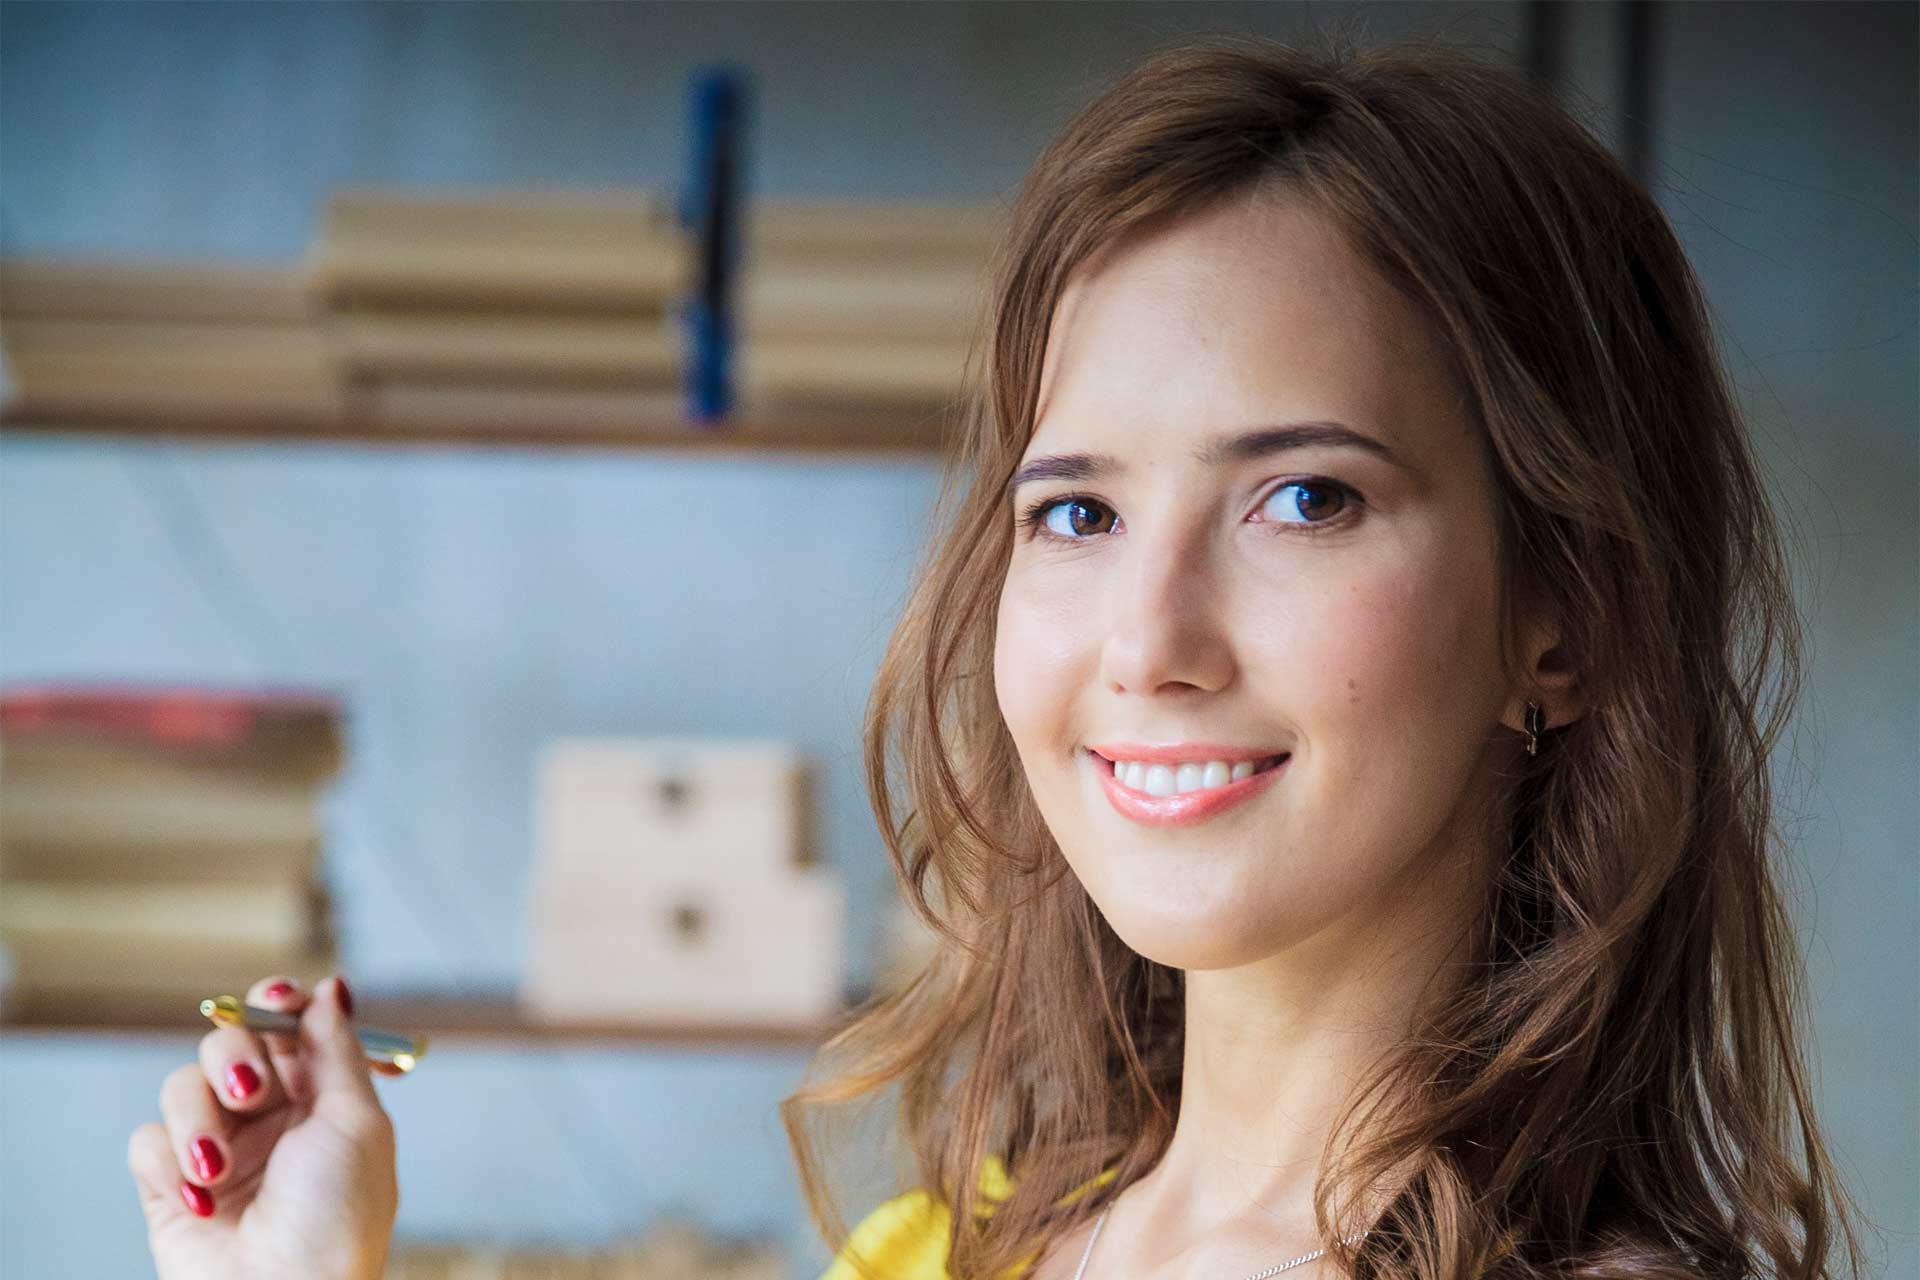 Екатерина Макарова. Экспертный PR: как публиковаться в Forbes, Ведомости и РБК